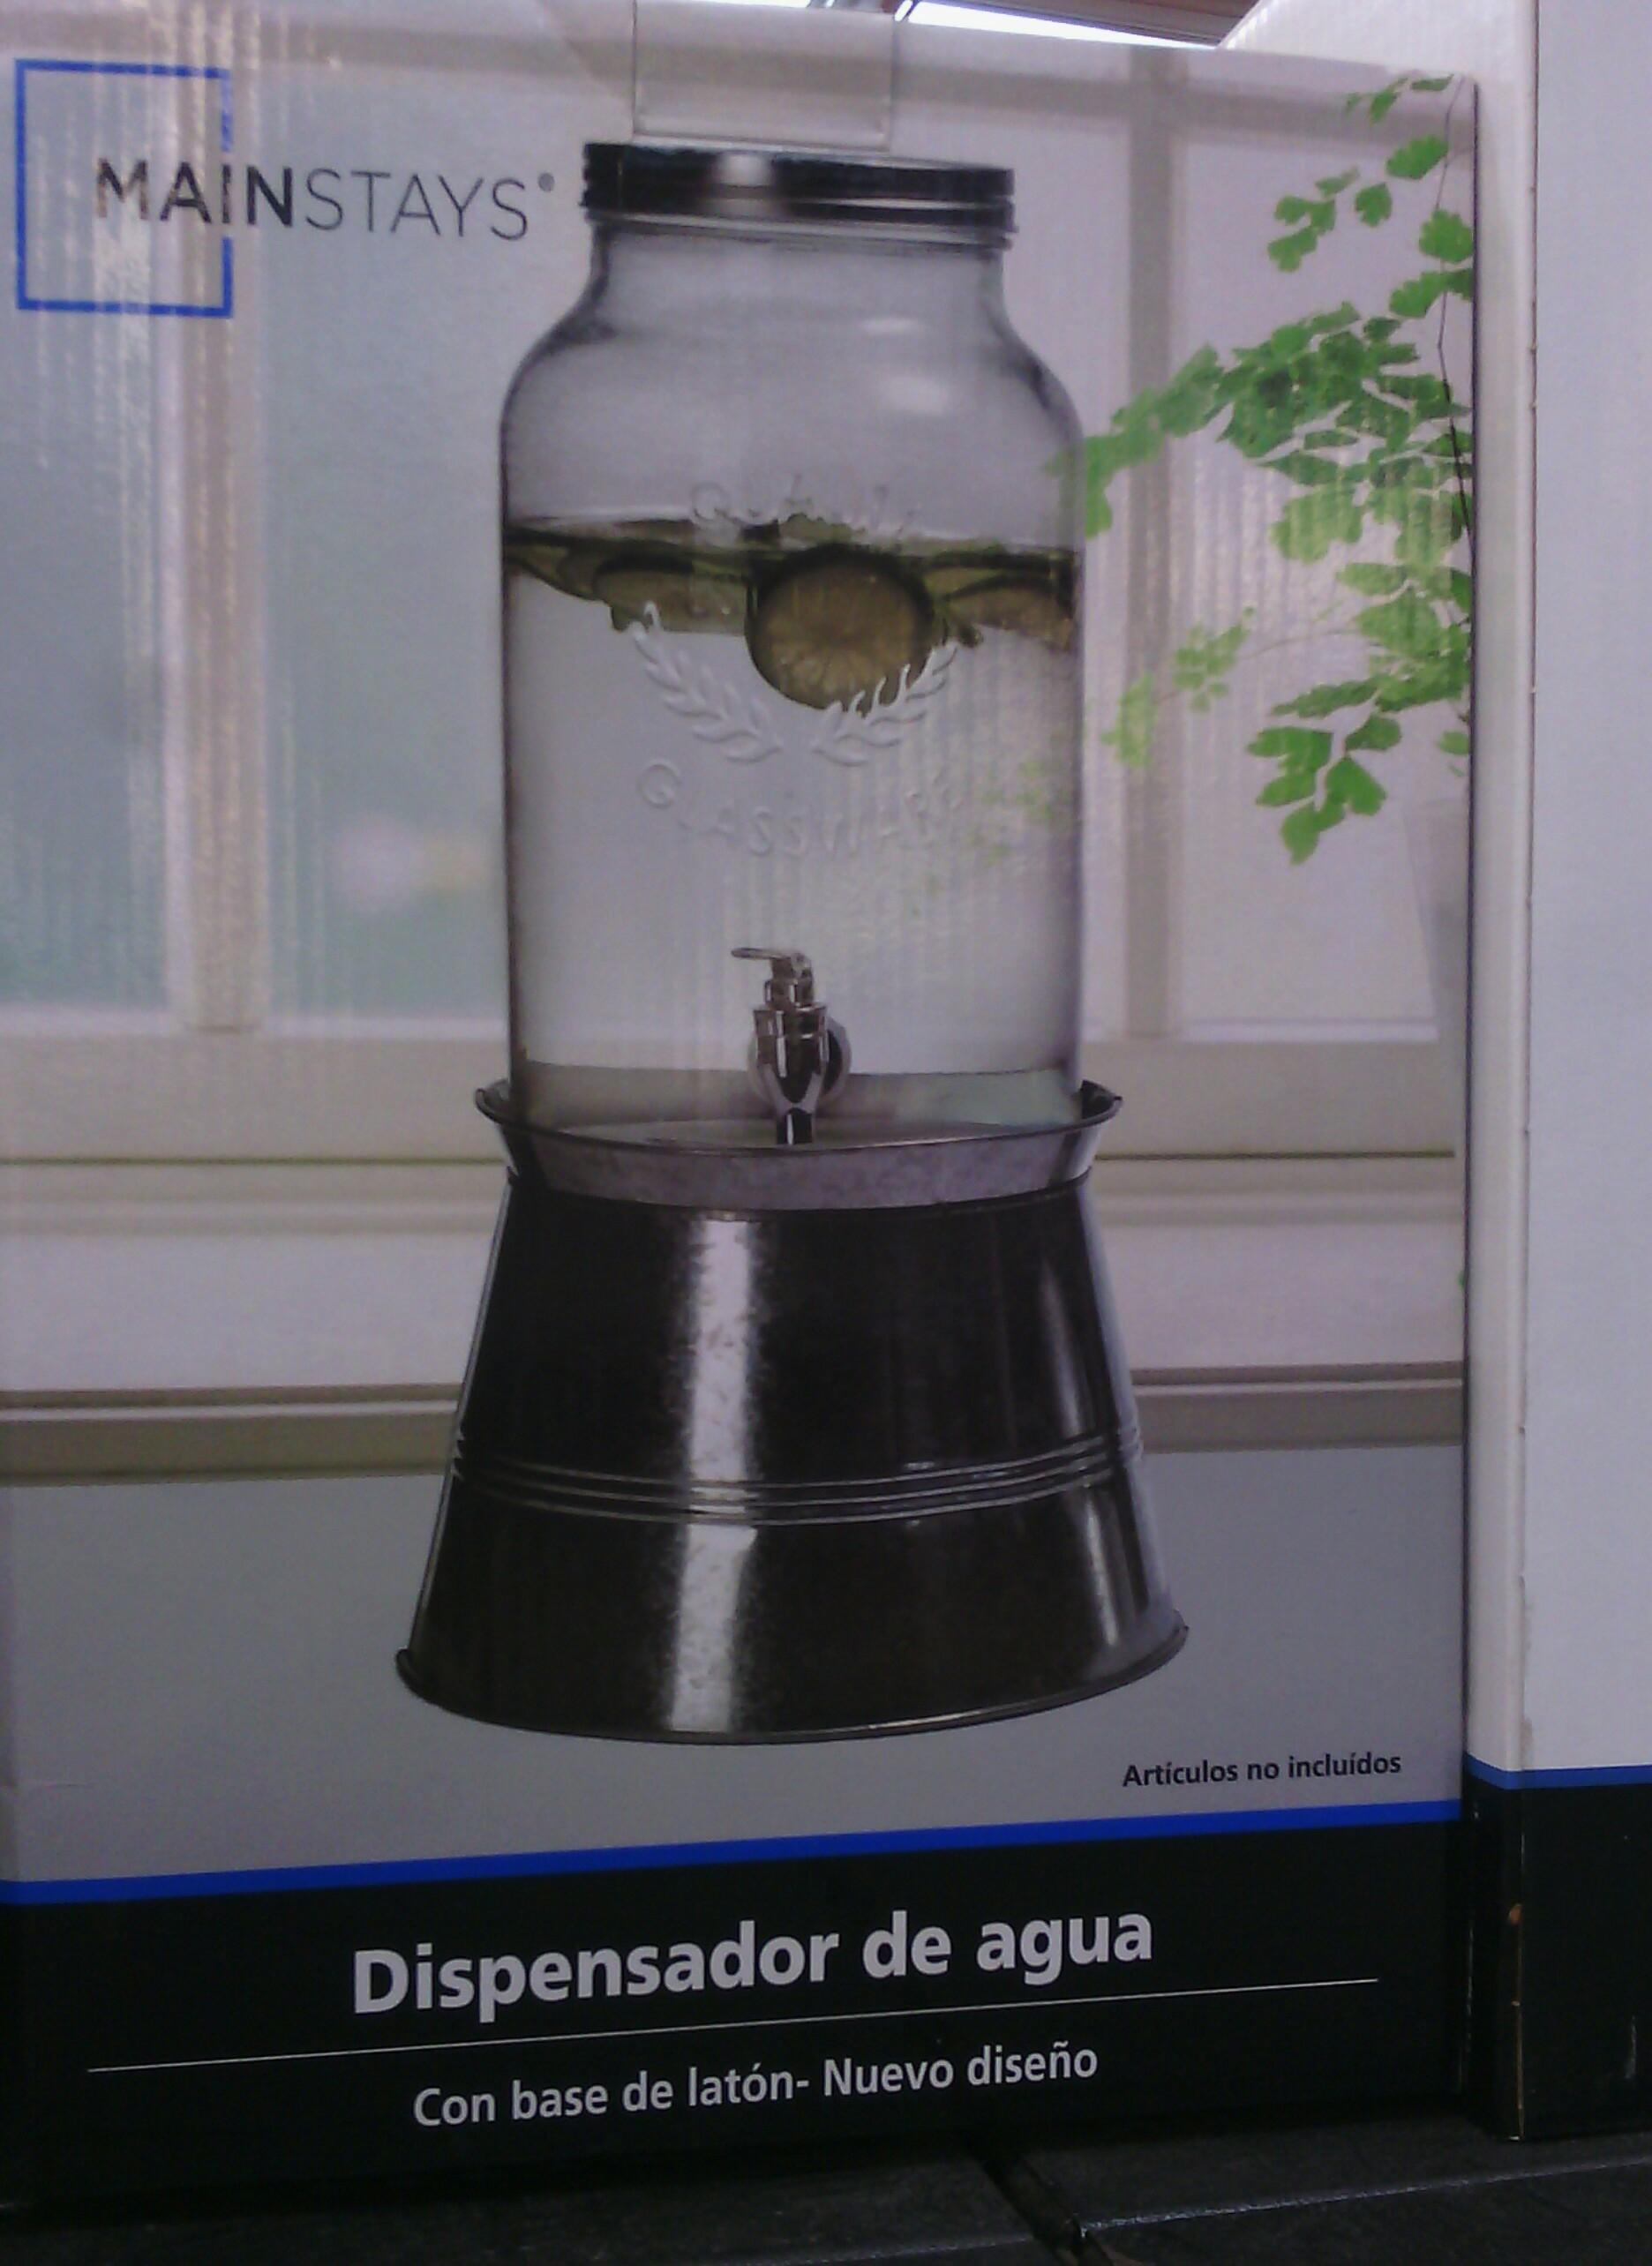 Walmart 57 San Luis Potosí: dispensador de agua con base de laton a $45.01, set de Fondue a $42.01